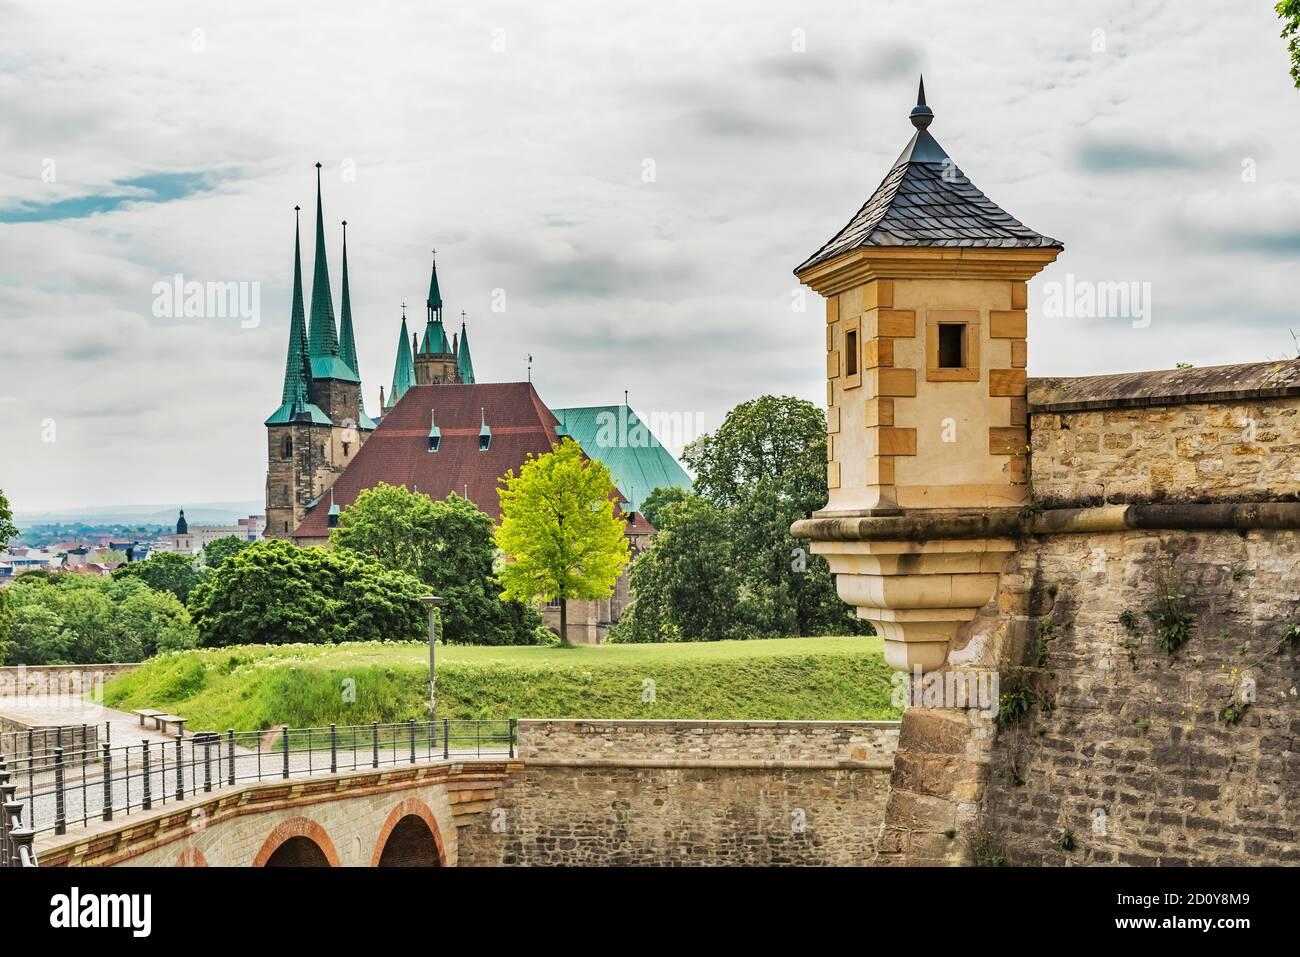 Vista desde la ciudadela de Petersberg hasta la colina de la catedral con la catedral de Erfurt y la iglesia de Severi Erfurt, capital de Turingia, Alemania, Europa Foto de stock